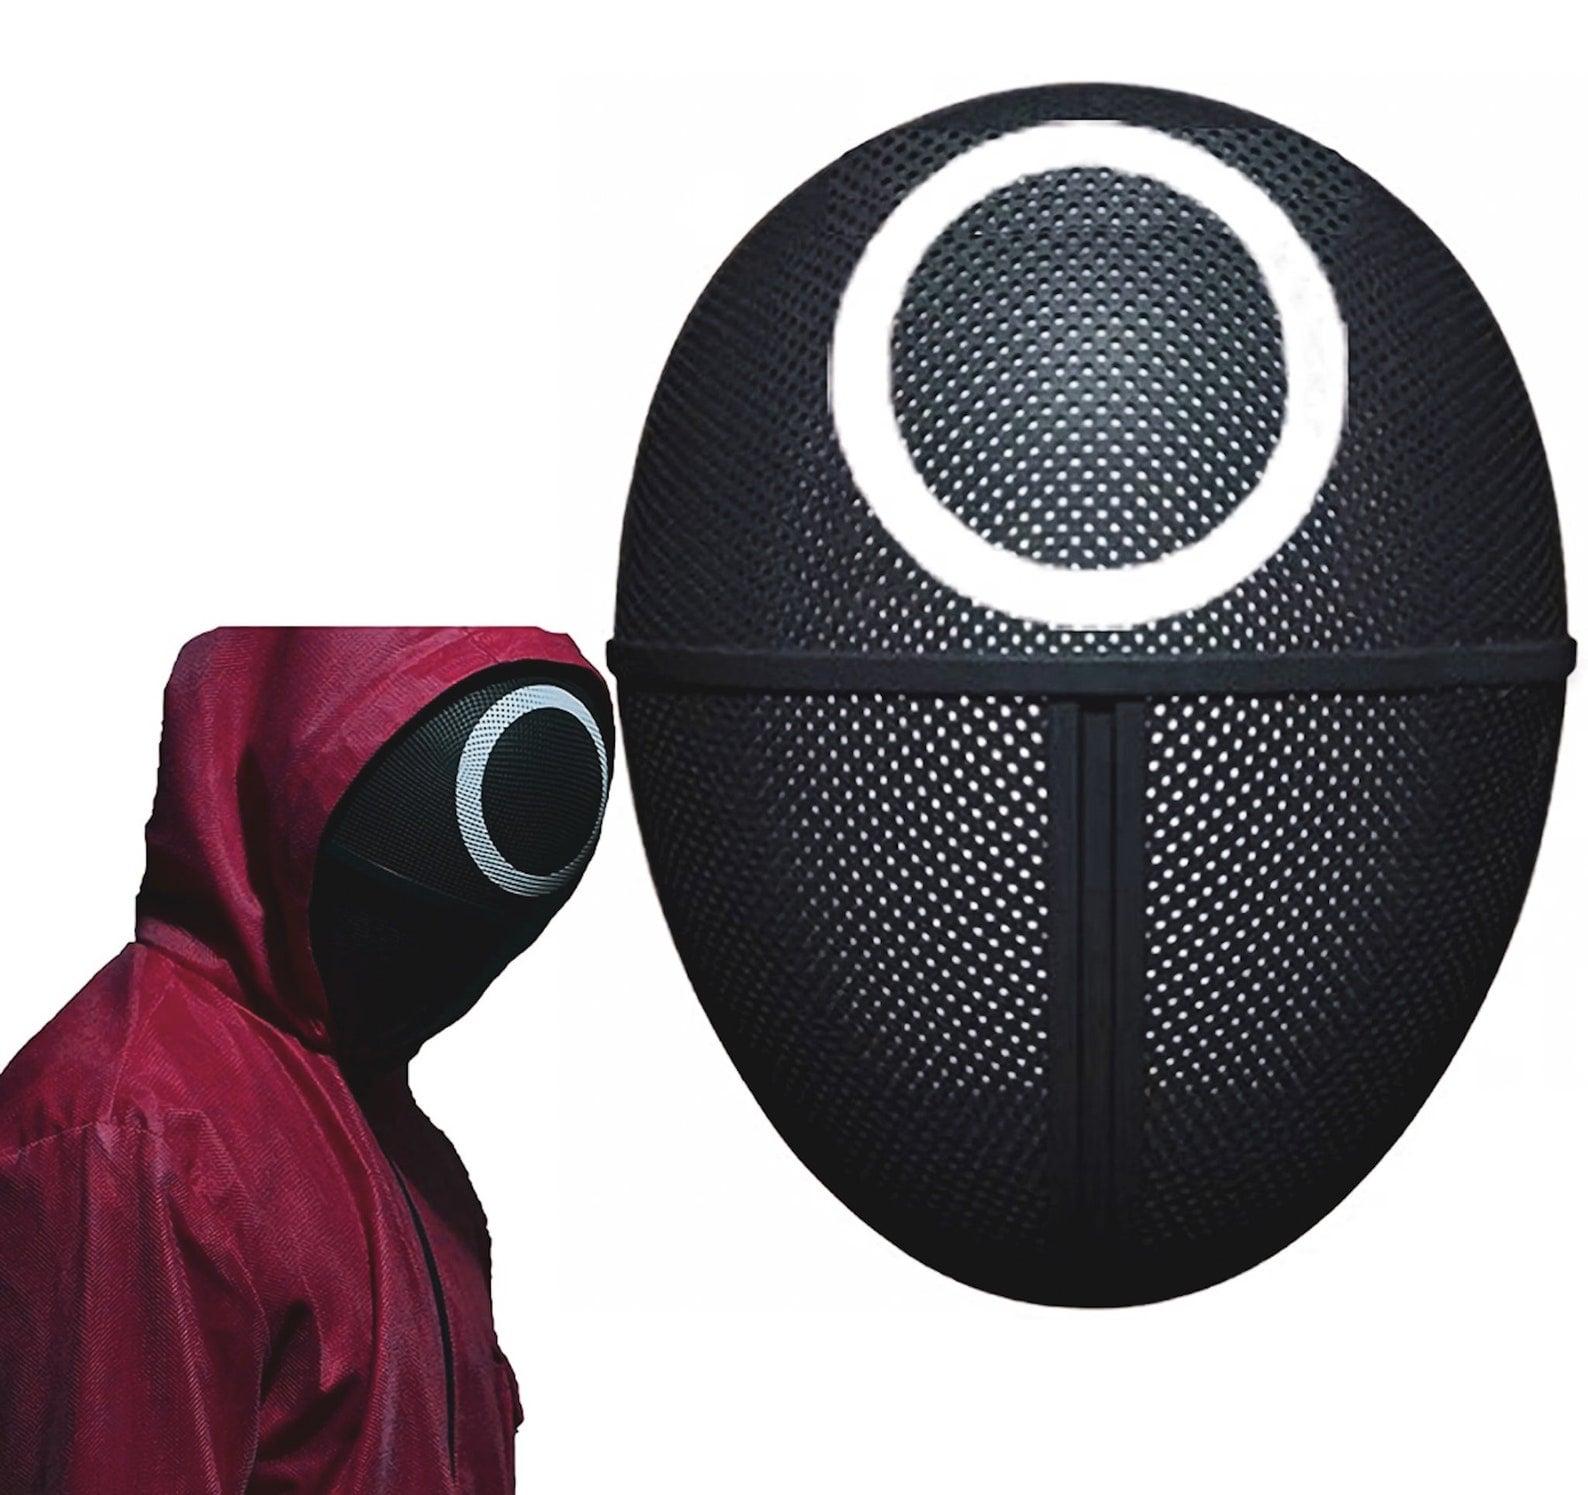 Riêng mặt nạ được bán với giá gần 19 USD.